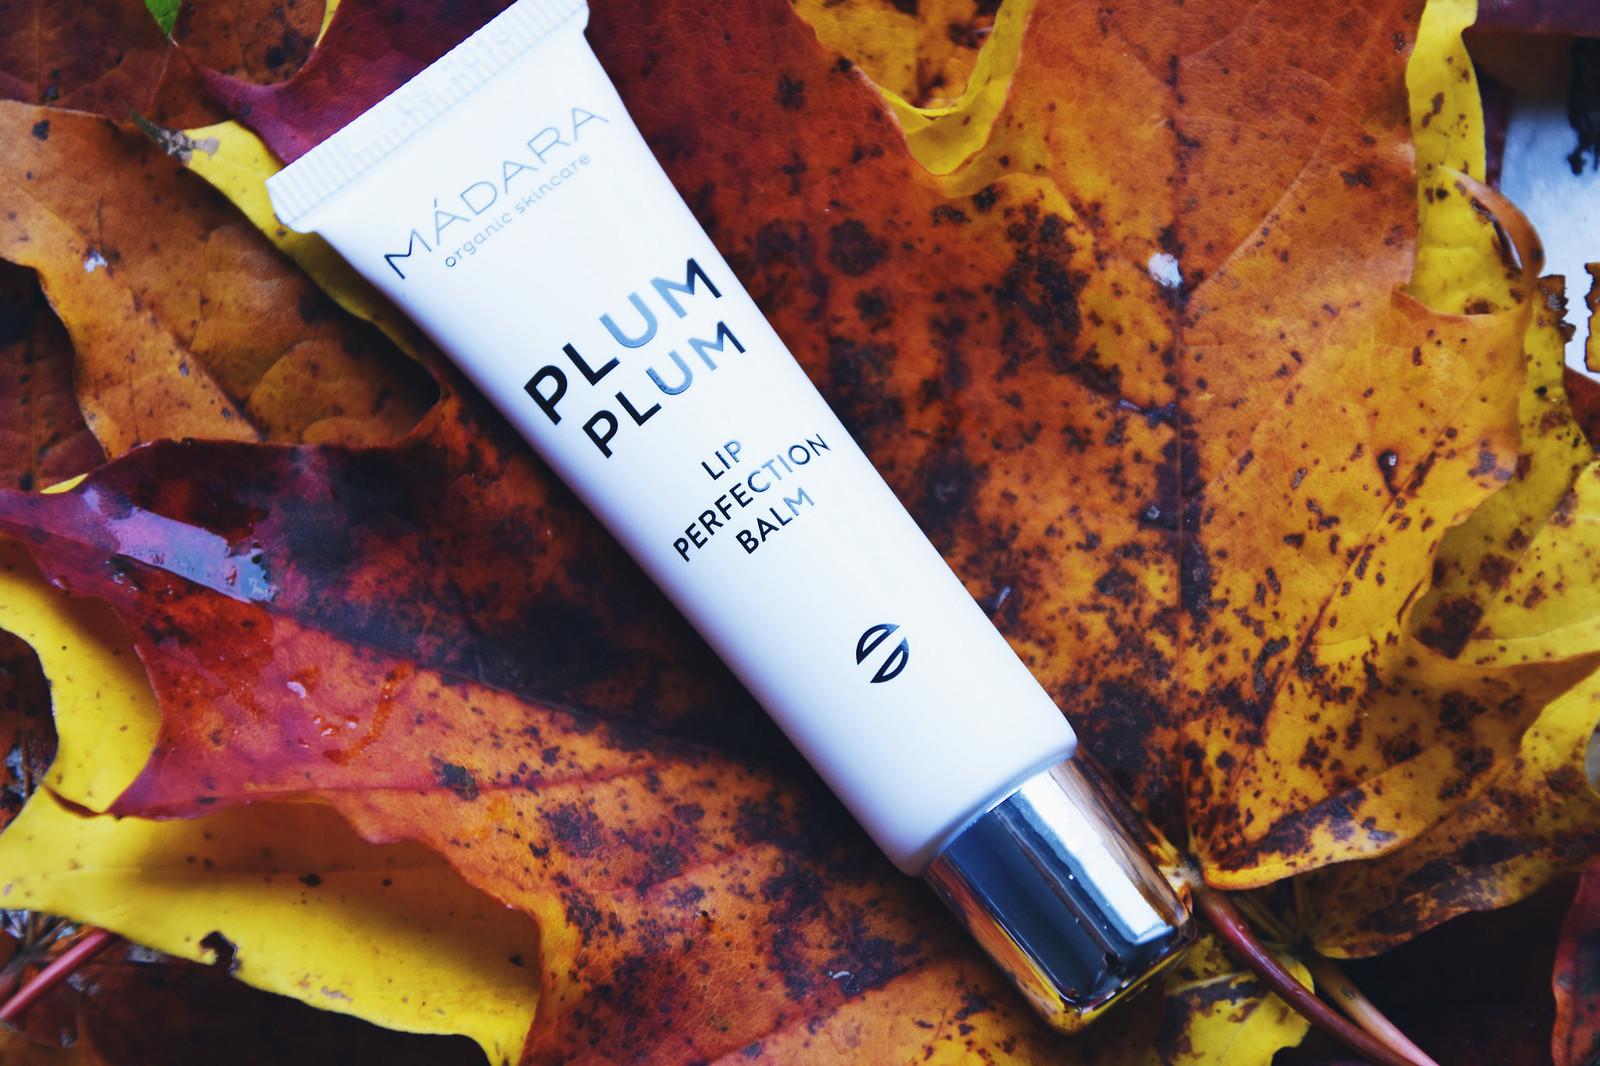 MADARA Cosmetics lip blam review